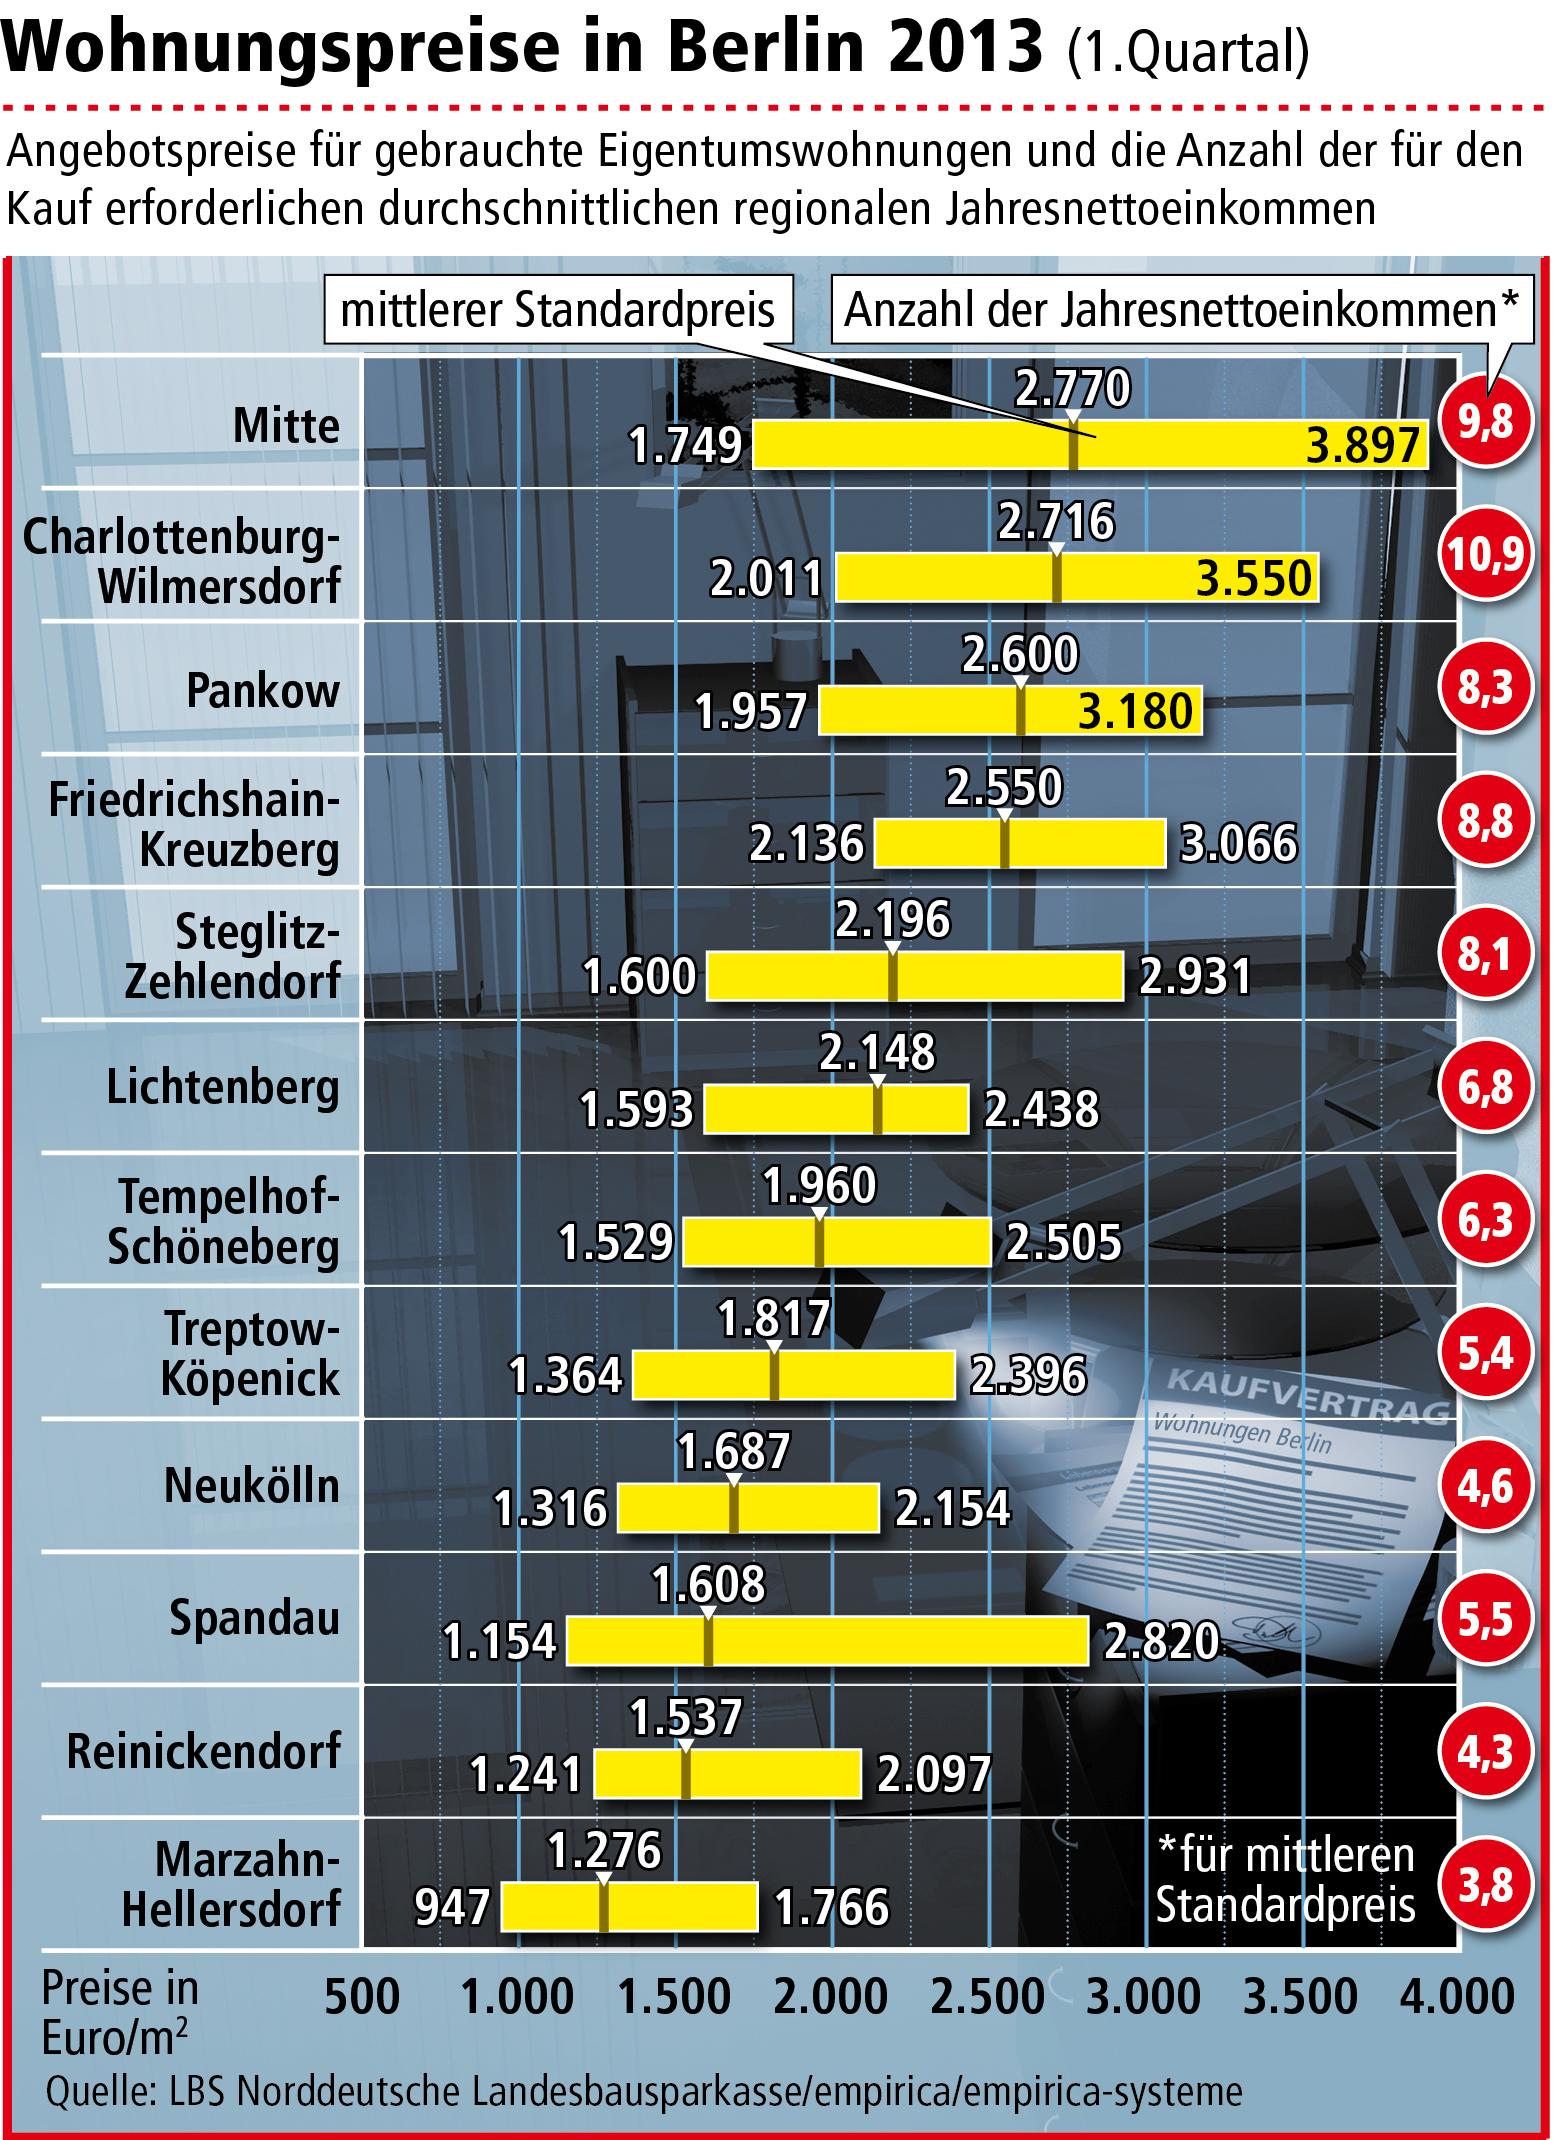 wohnungspreise in berlin mitte am teuersten in sechs stadtbezirken ist wohnungskauf. Black Bedroom Furniture Sets. Home Design Ideas